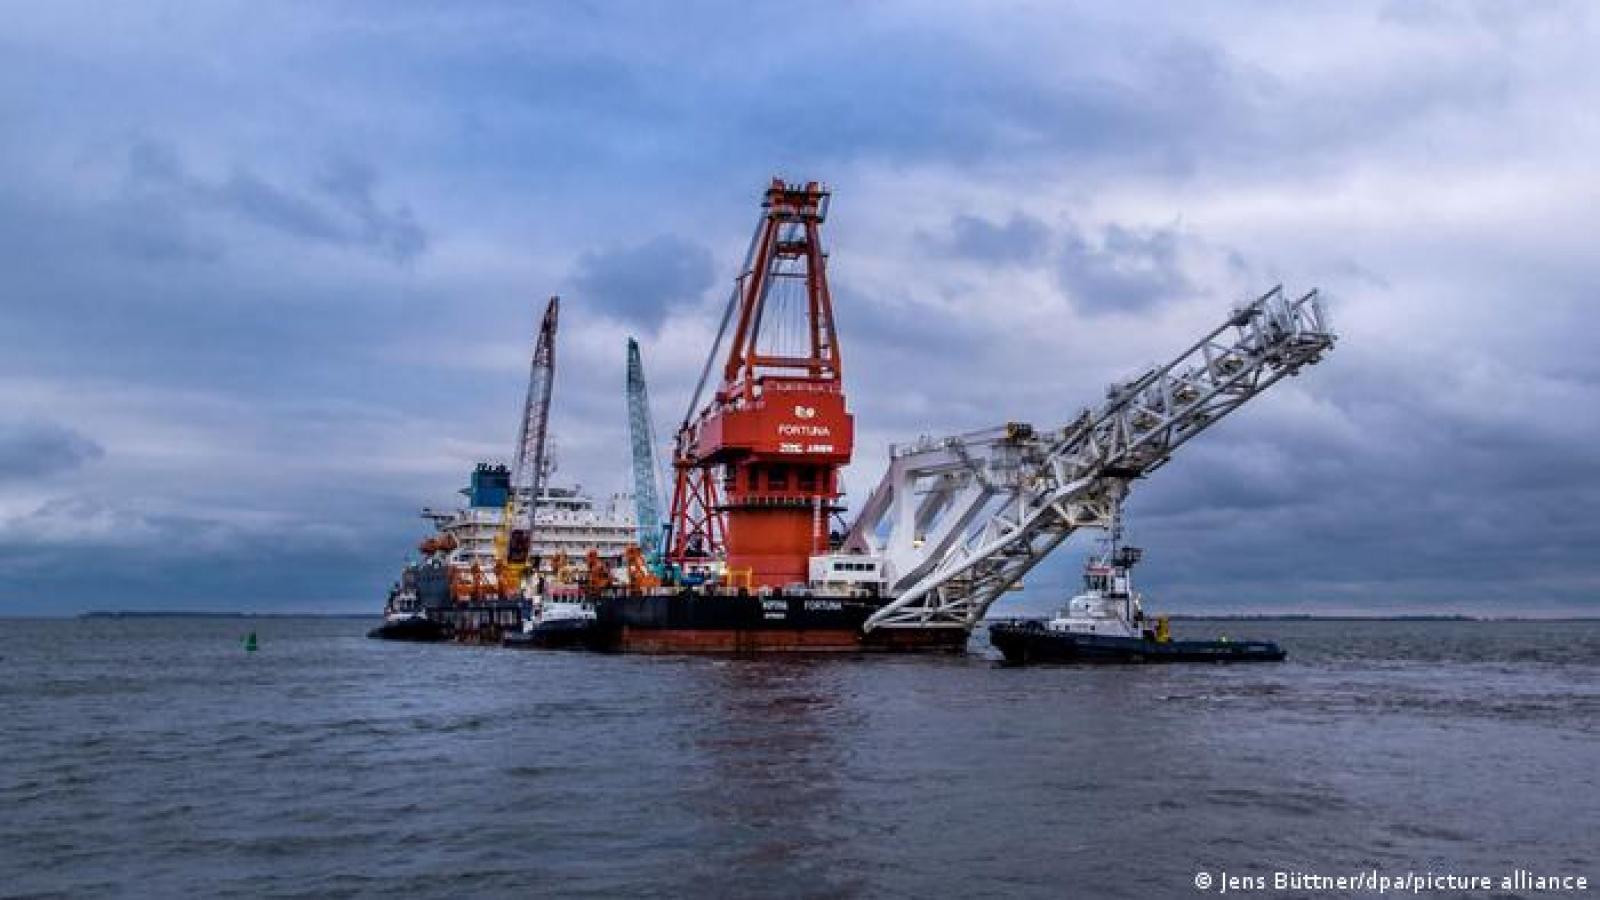 Dự án Dòng chảy phương Bắc 2 bế tắc, Nga gửi tối hậu thư cho EU